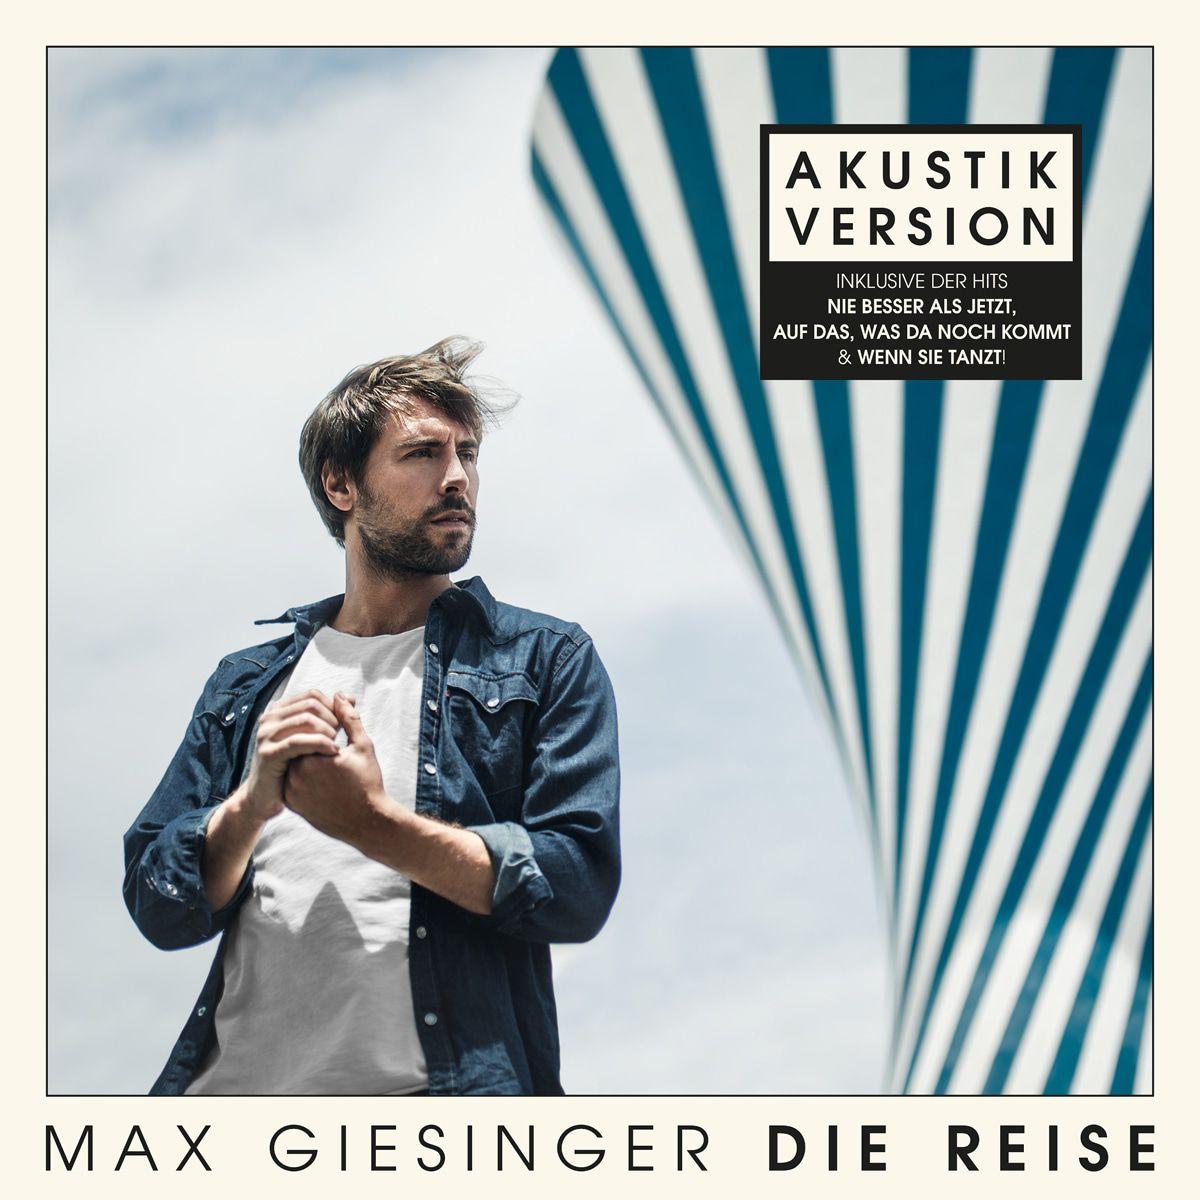 Max Giesinger und seine einst beschwerliche Reise in die Charts